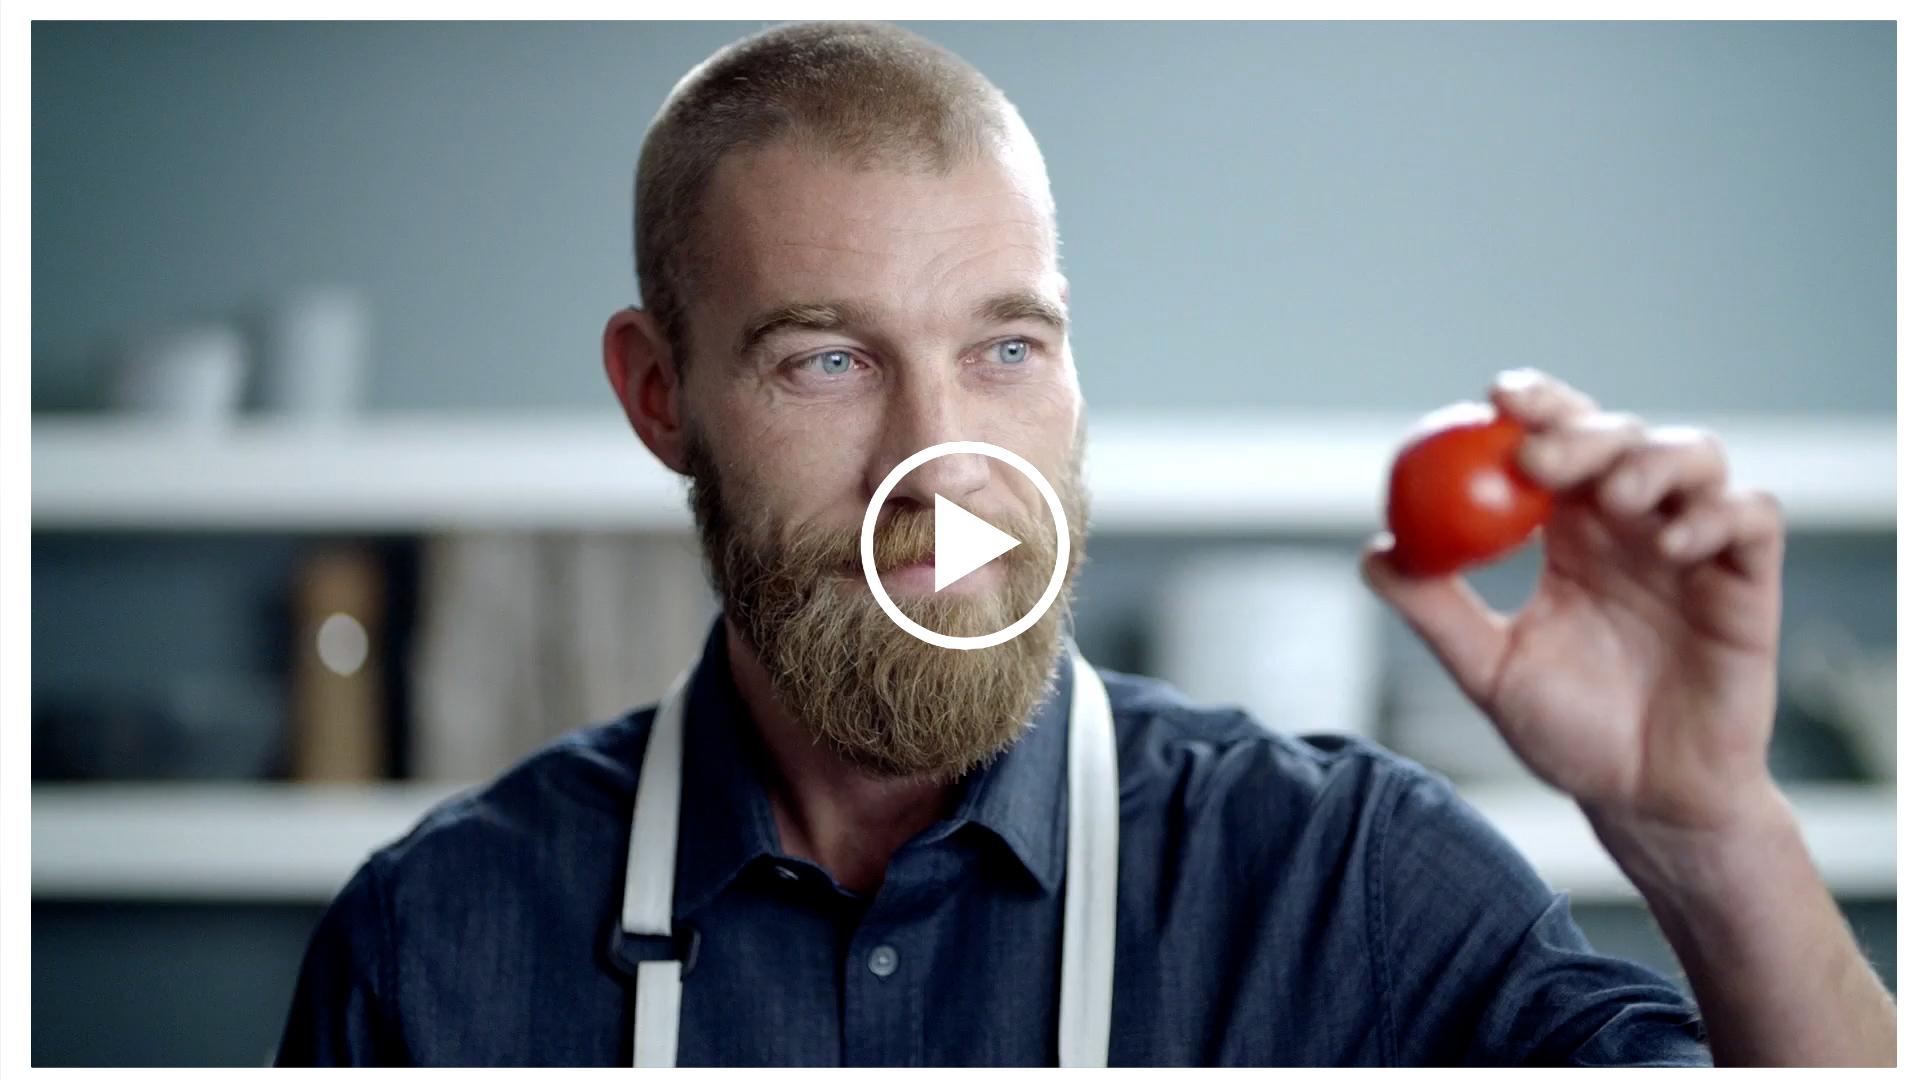 film-werbung-wmf-chefs-knife-food